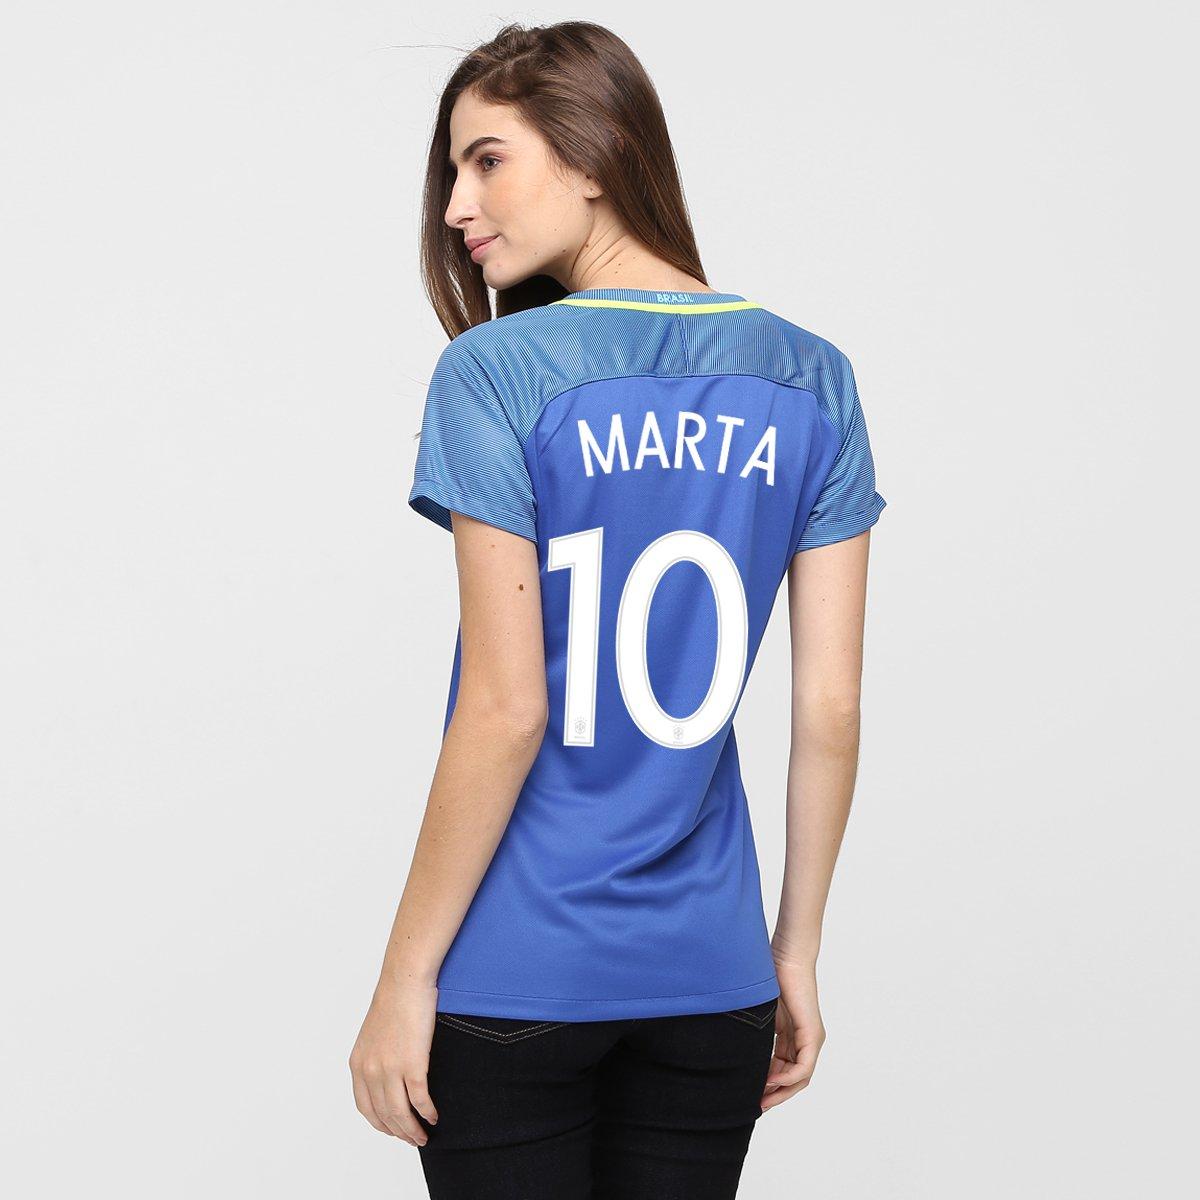 26810cdf90f5f Camisa Feminina Nike Seleção Brasil II 2016 nº 10 - Marta - Compre Agora